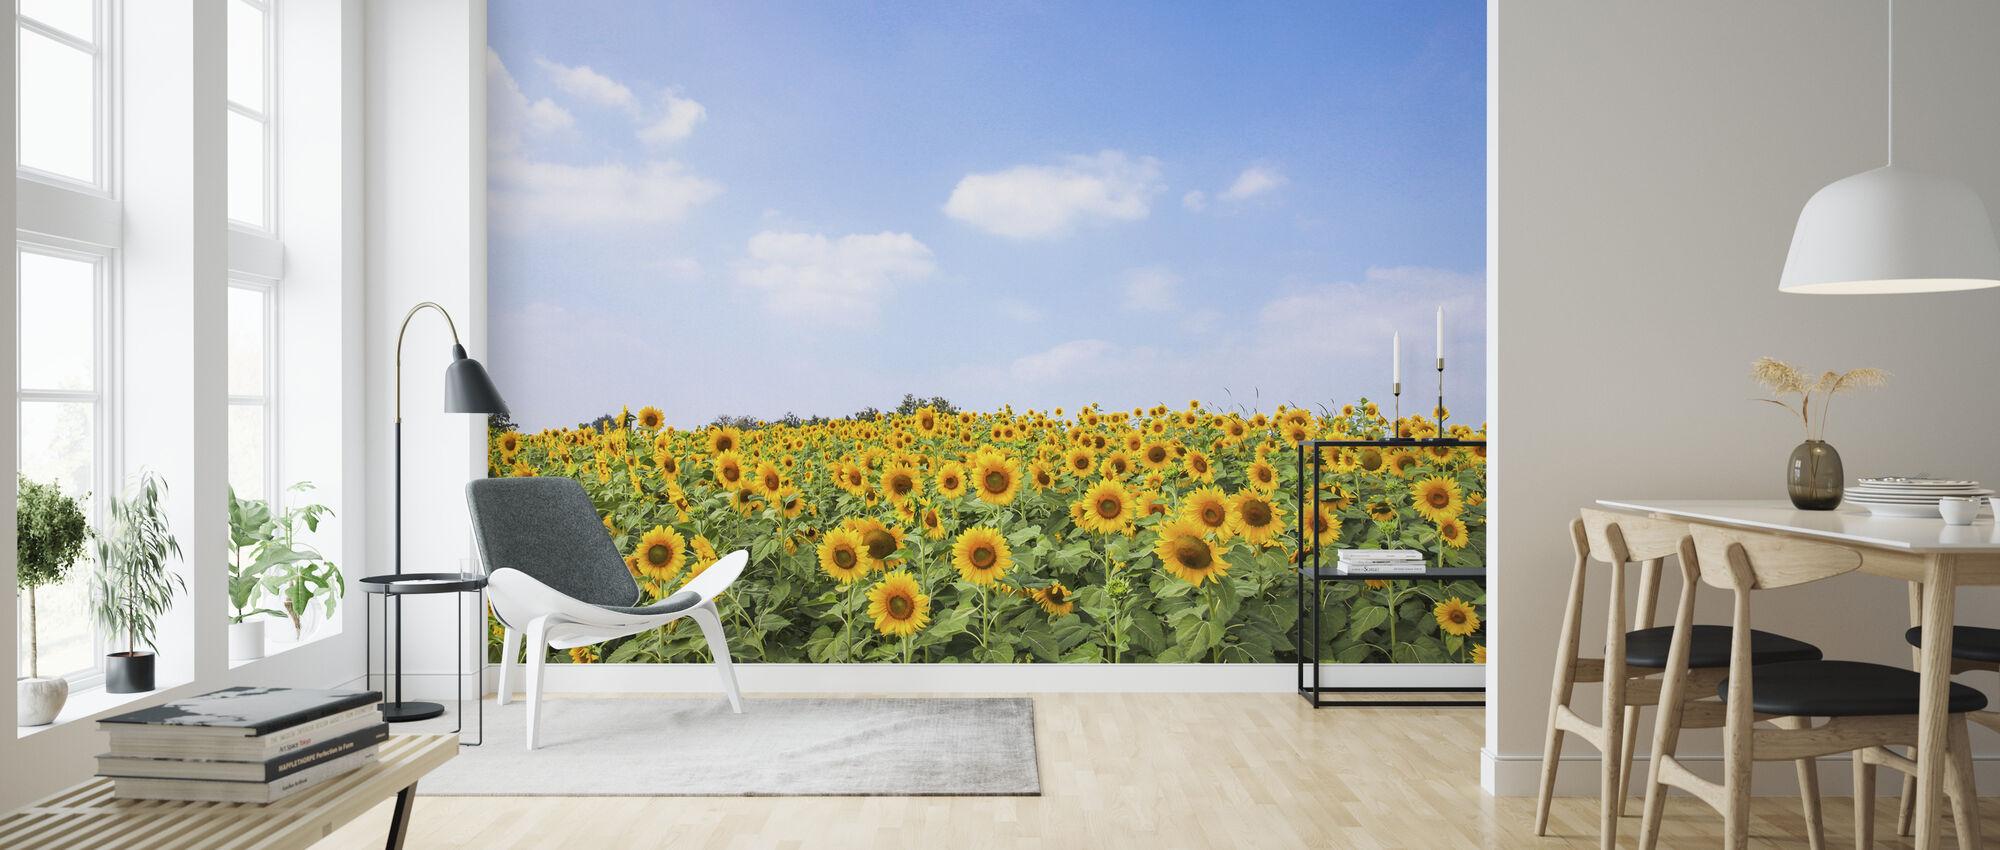 Pehmeät auringonkukat - Tapetti - Olohuone